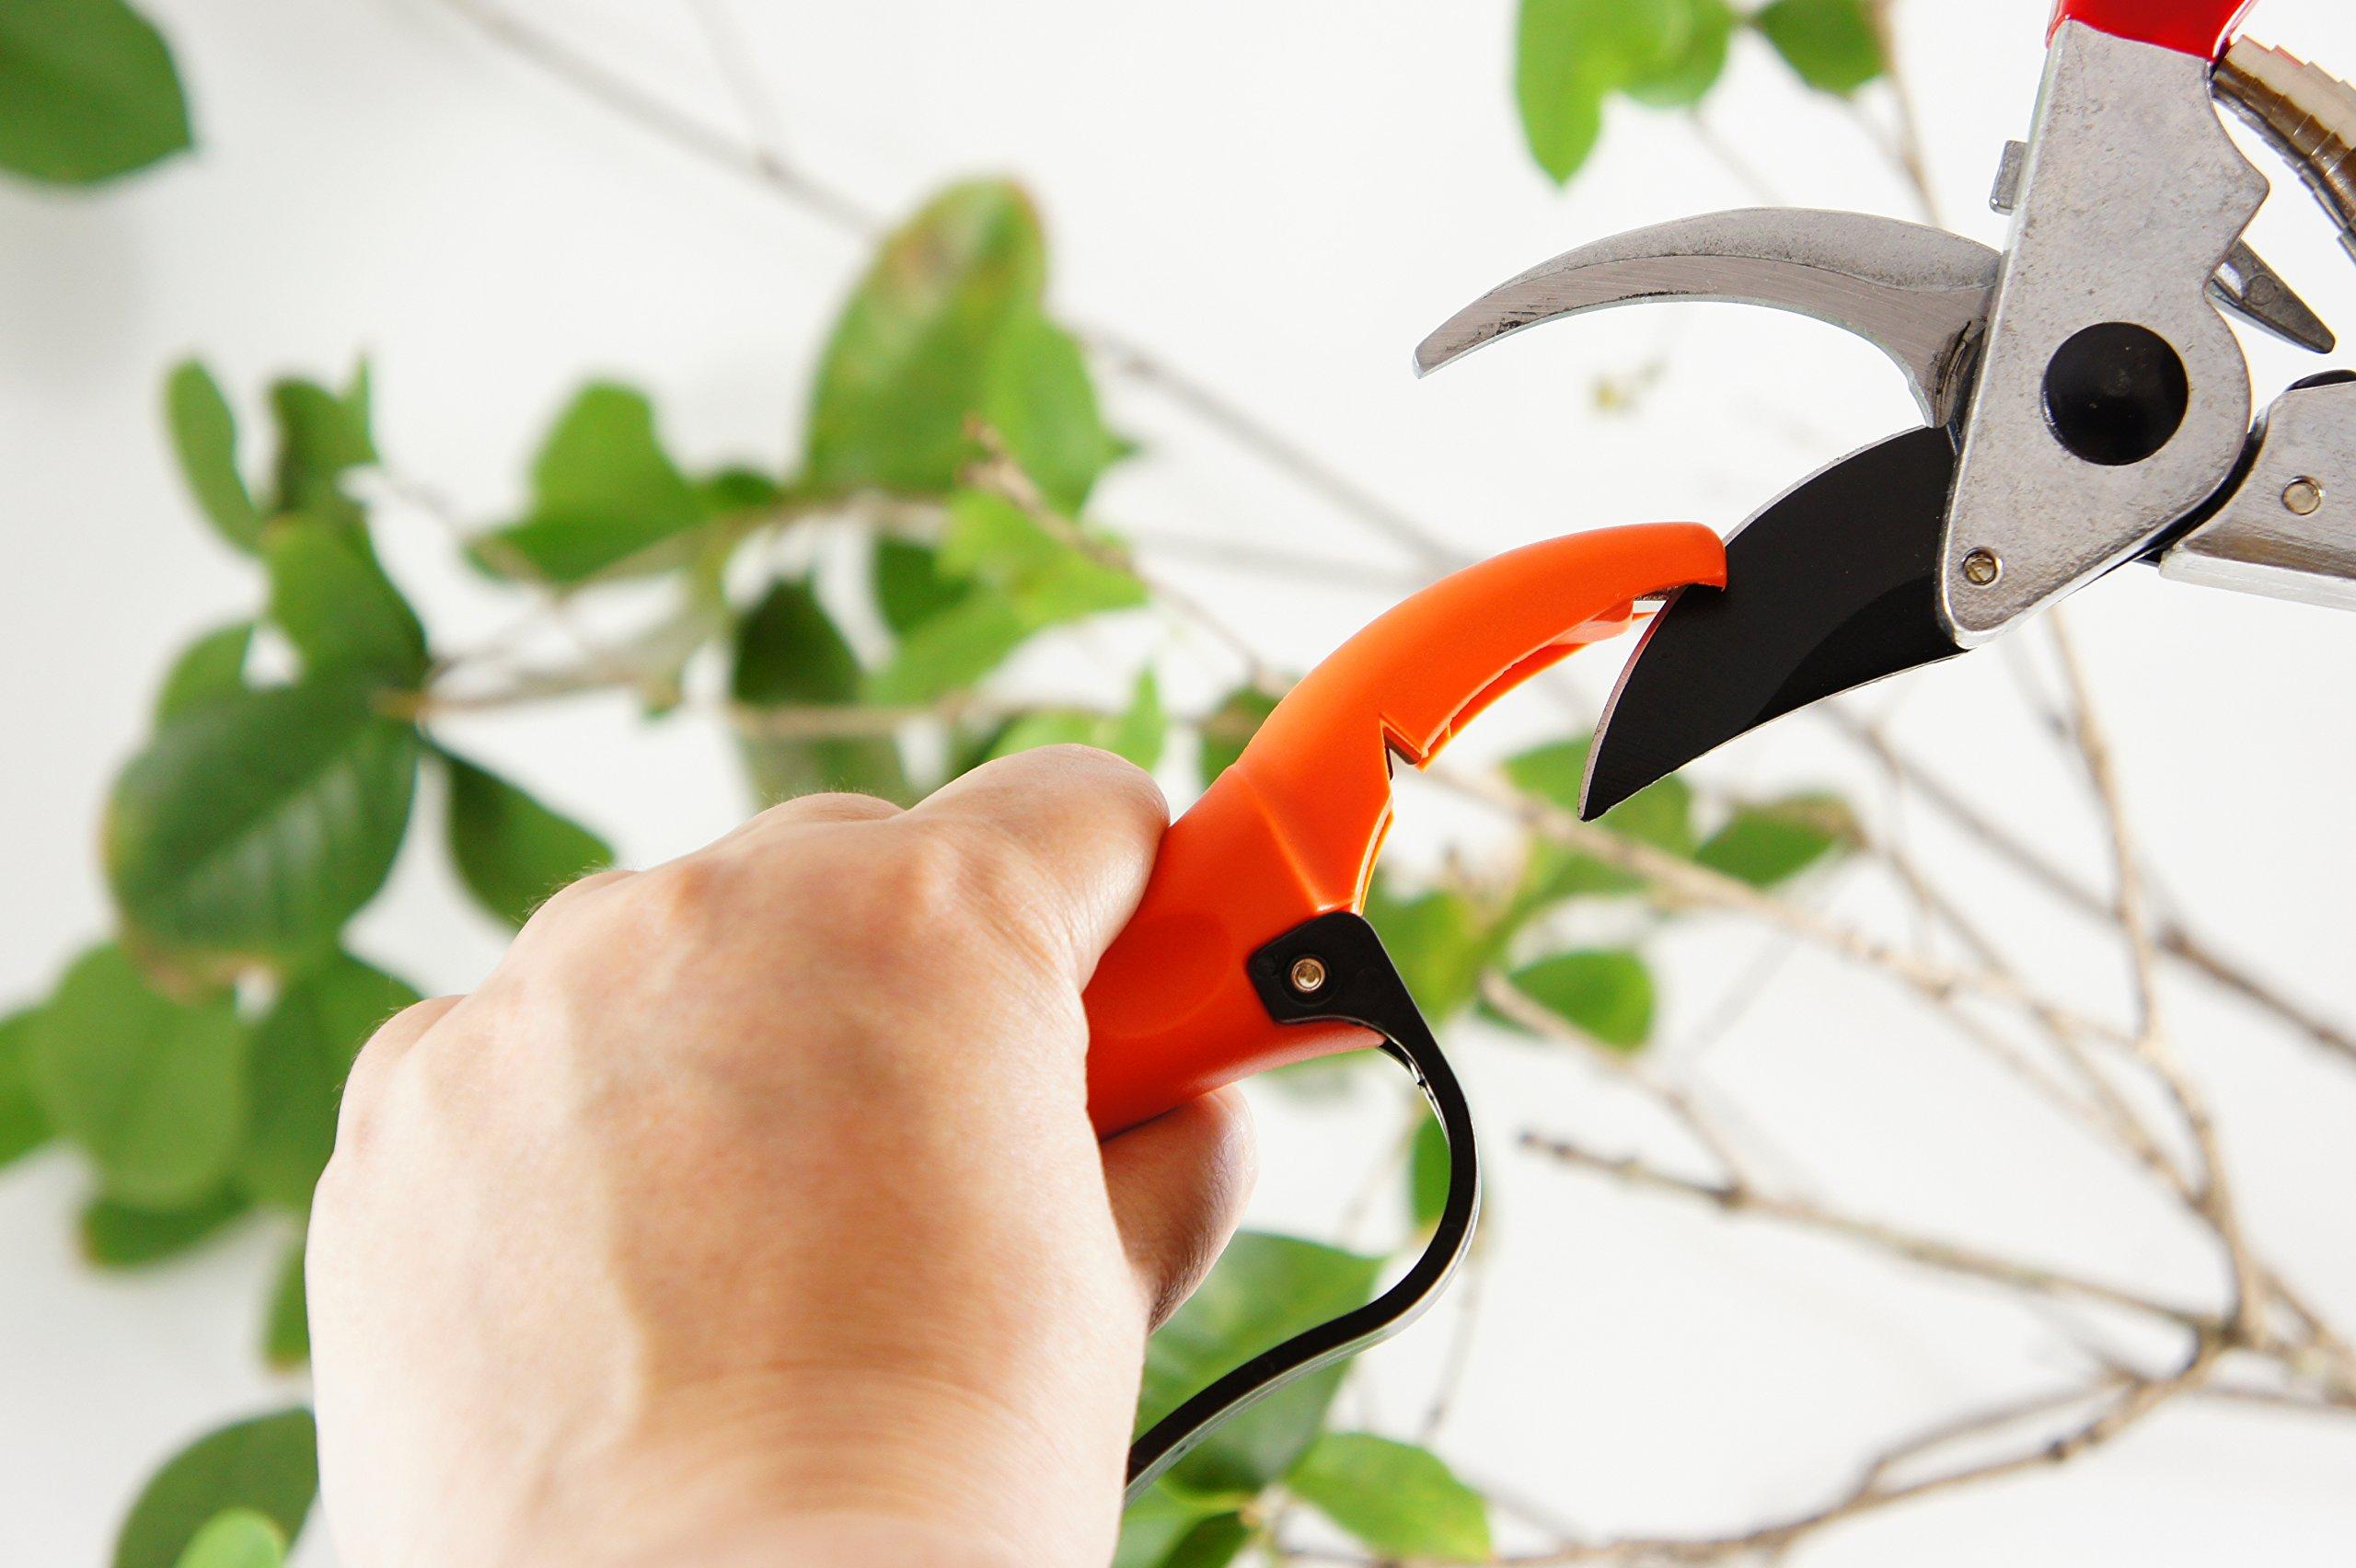 Q-yard Handheld Multi-Sharpener Pruning Shears, Garden Hand Pruners, Gardening Scissors